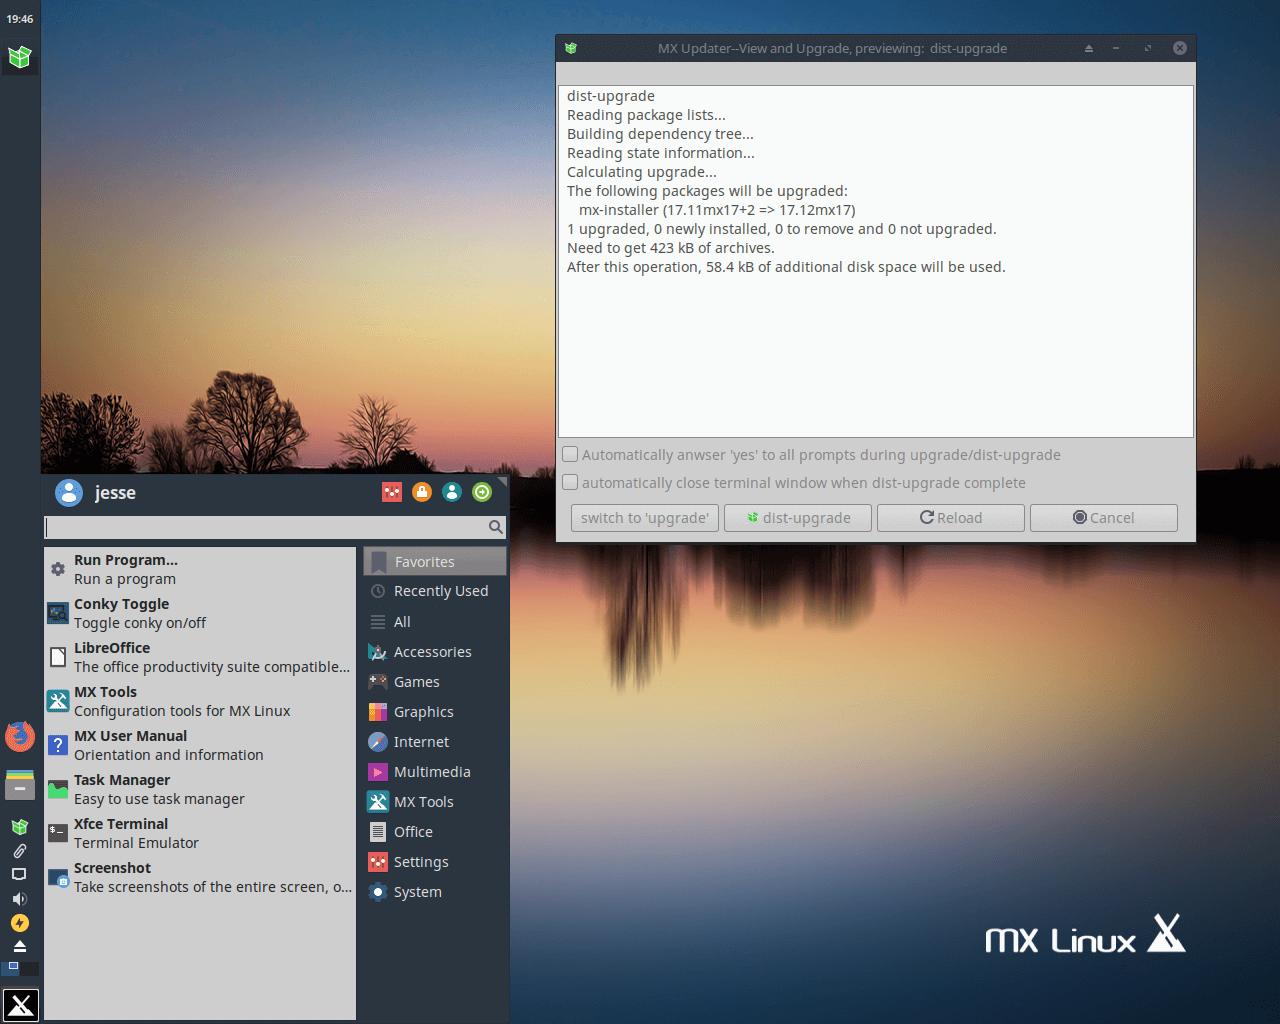 基于 Debian 的 Xfce 桌面发行版,MX Linux 17 发布